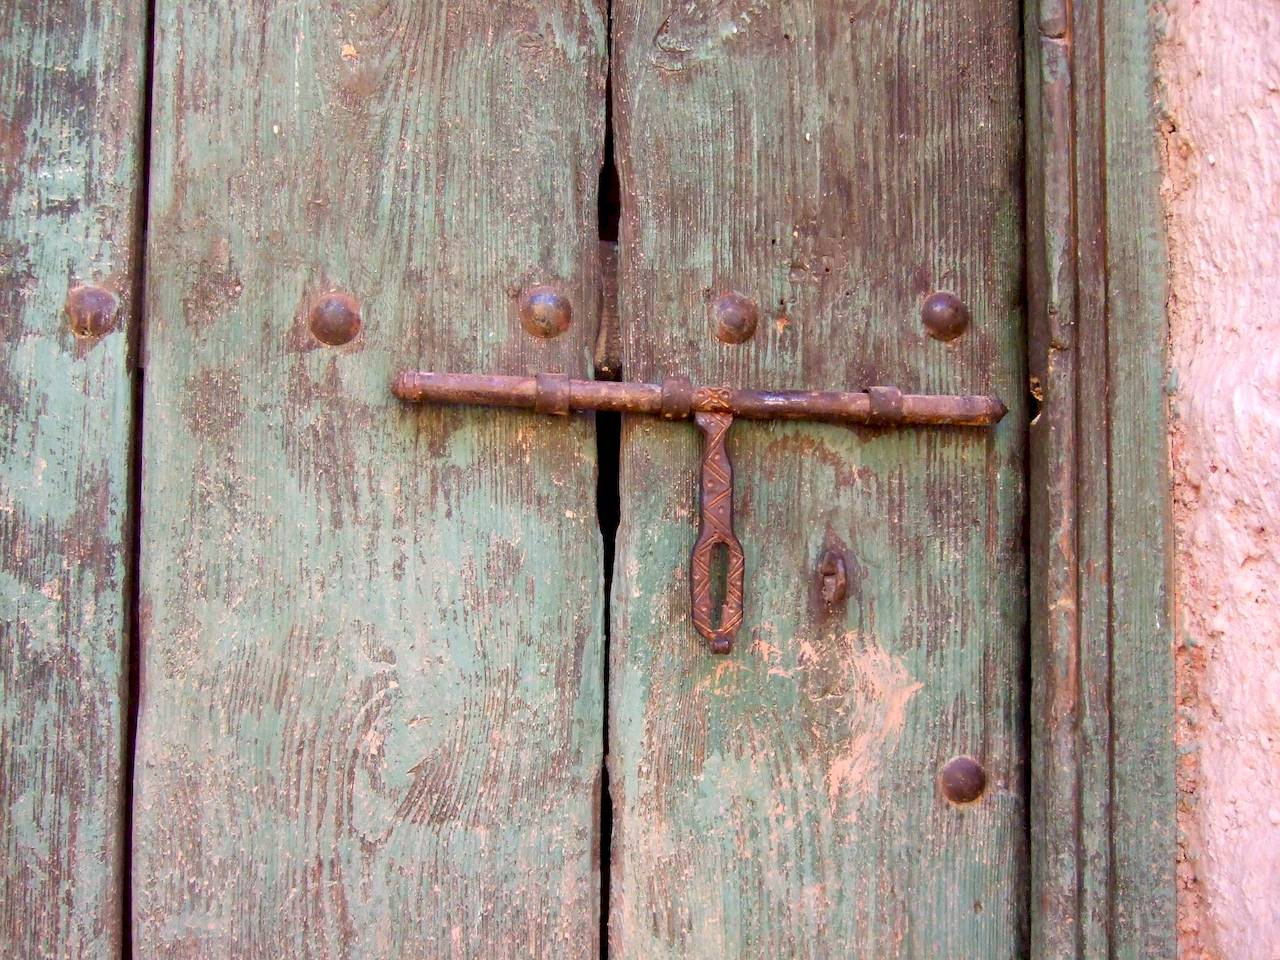 Wooden door with latch hut